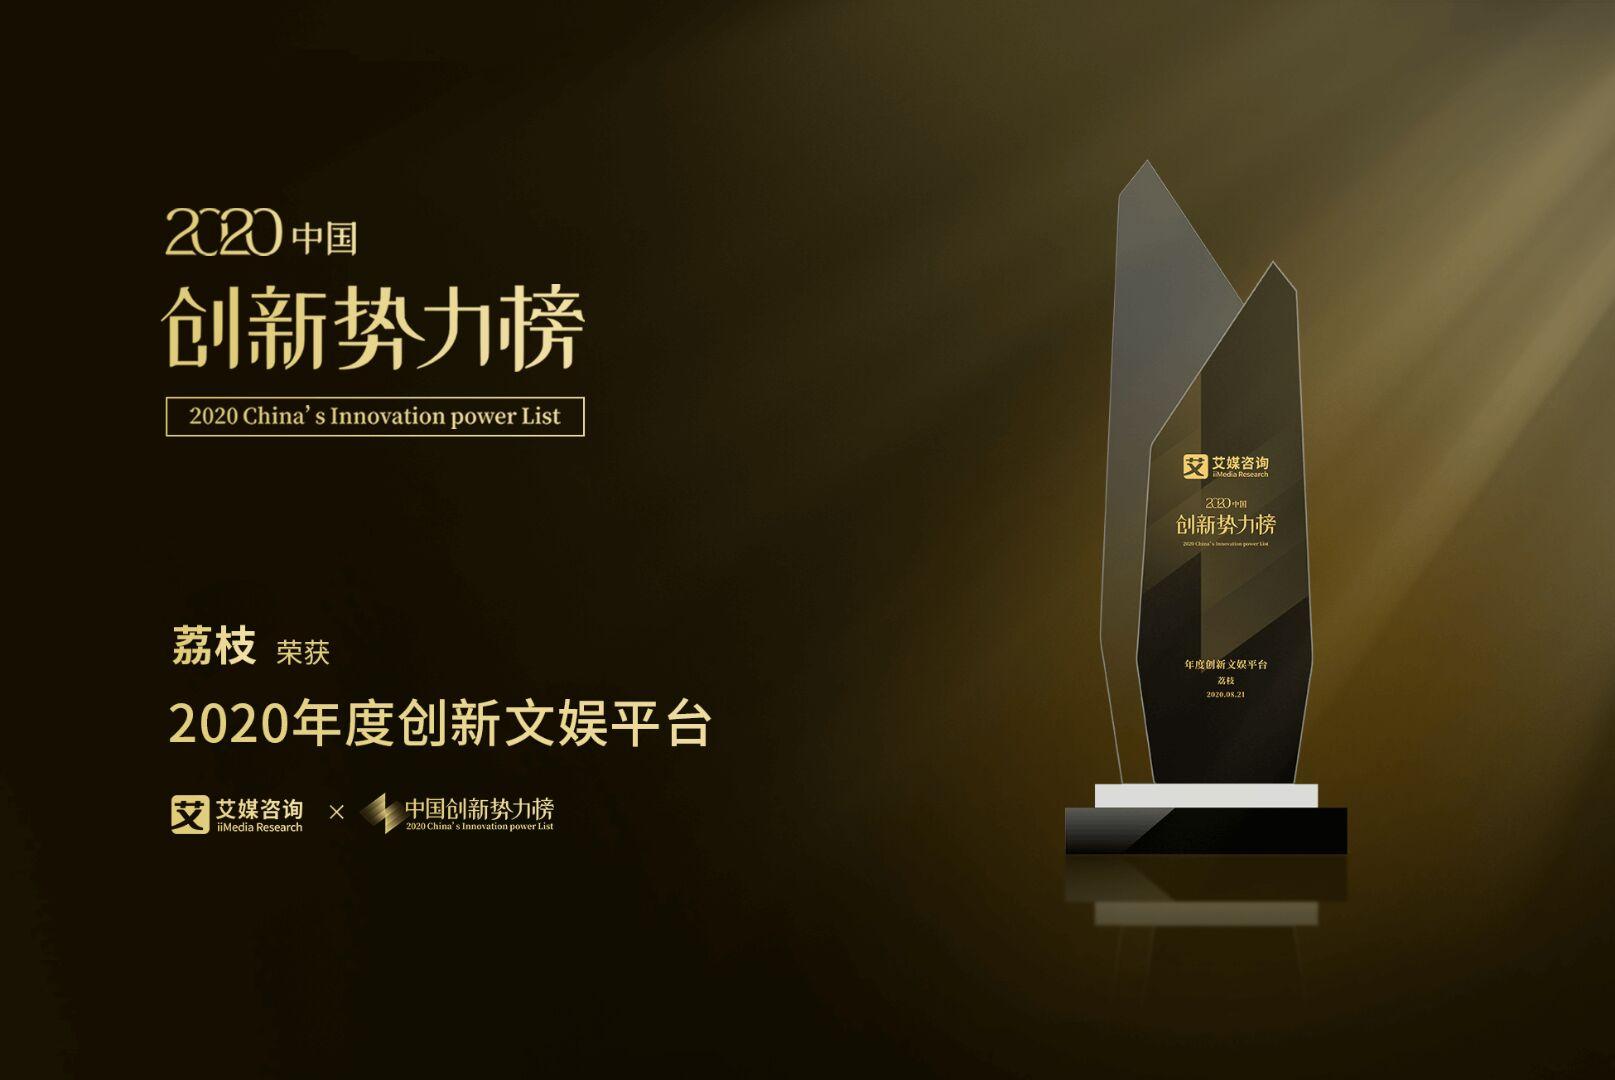 """聚焦创新发展成效凸显  荔枝获评""""2020年度创新文娱平台""""称号"""